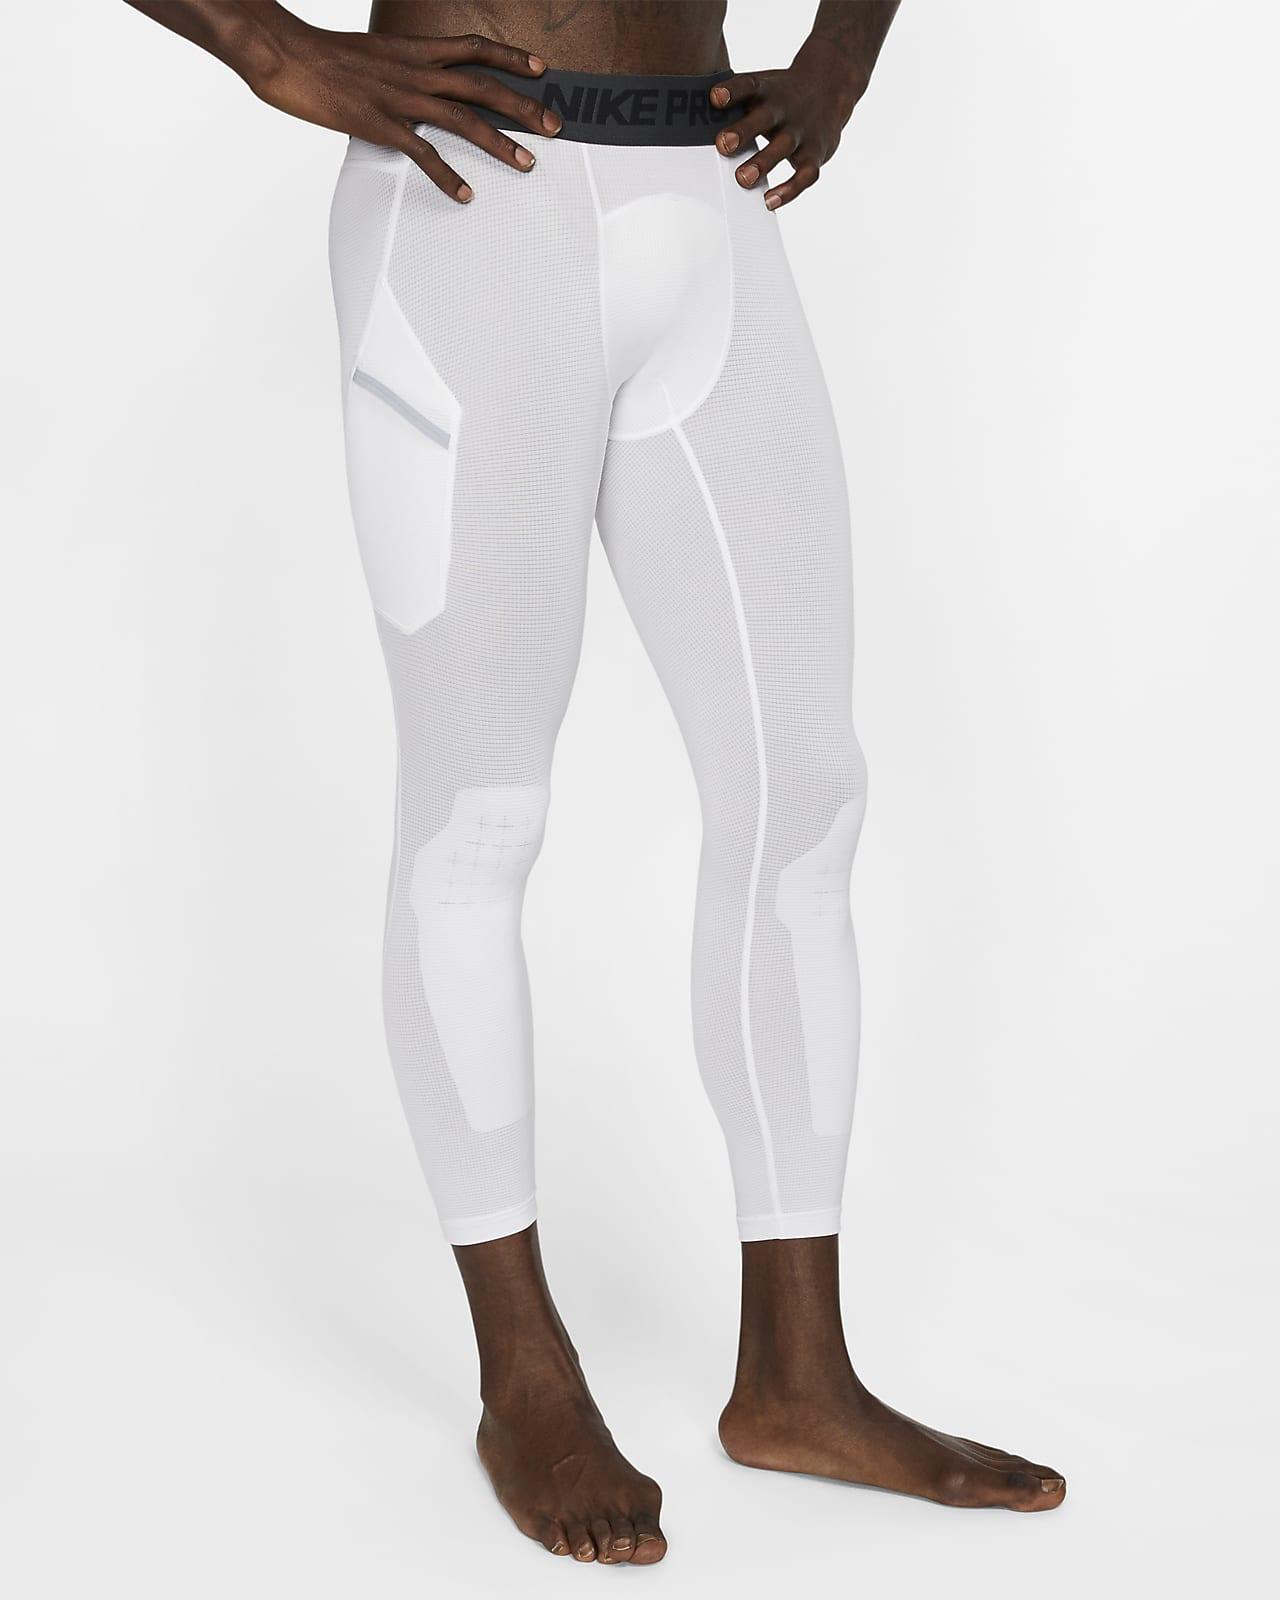 Męskie legginsy 3/4 do koszykówki Nike Pro